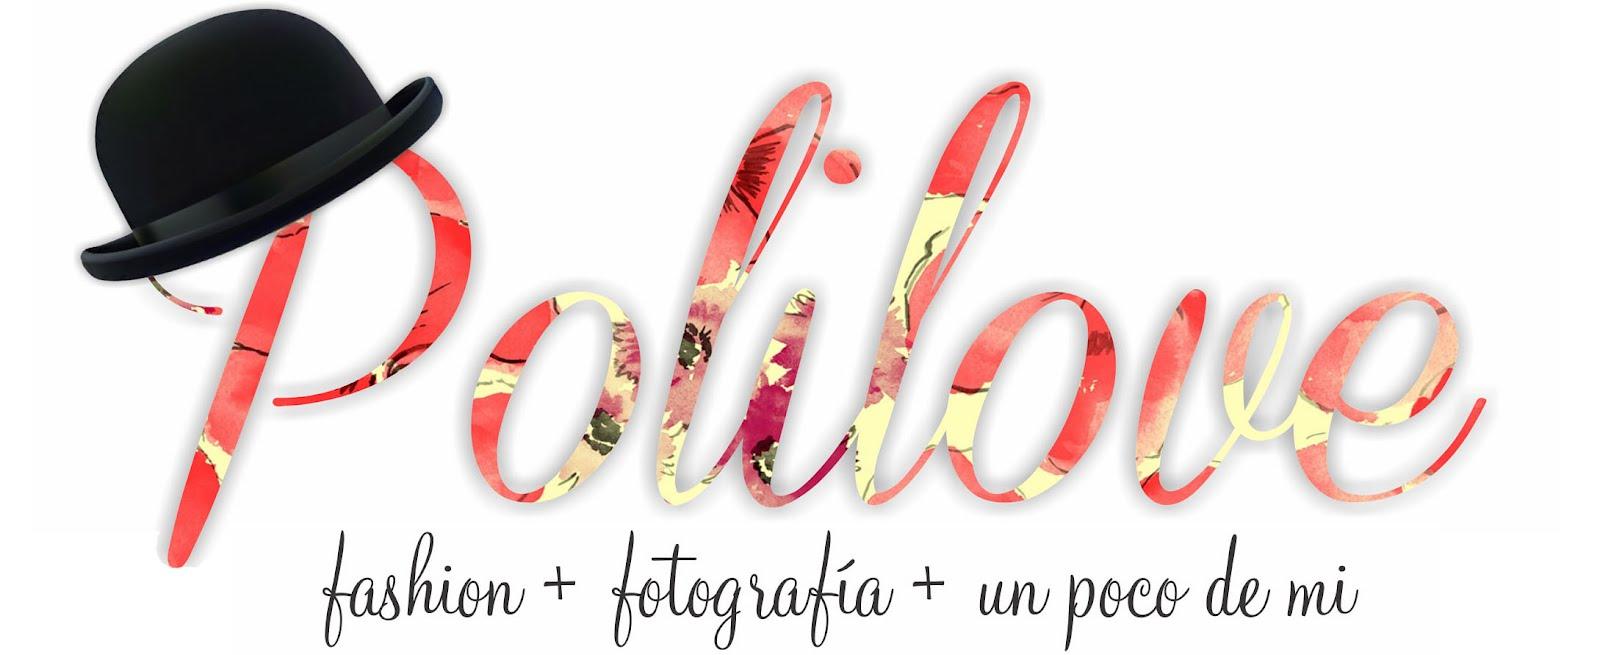 Polilove